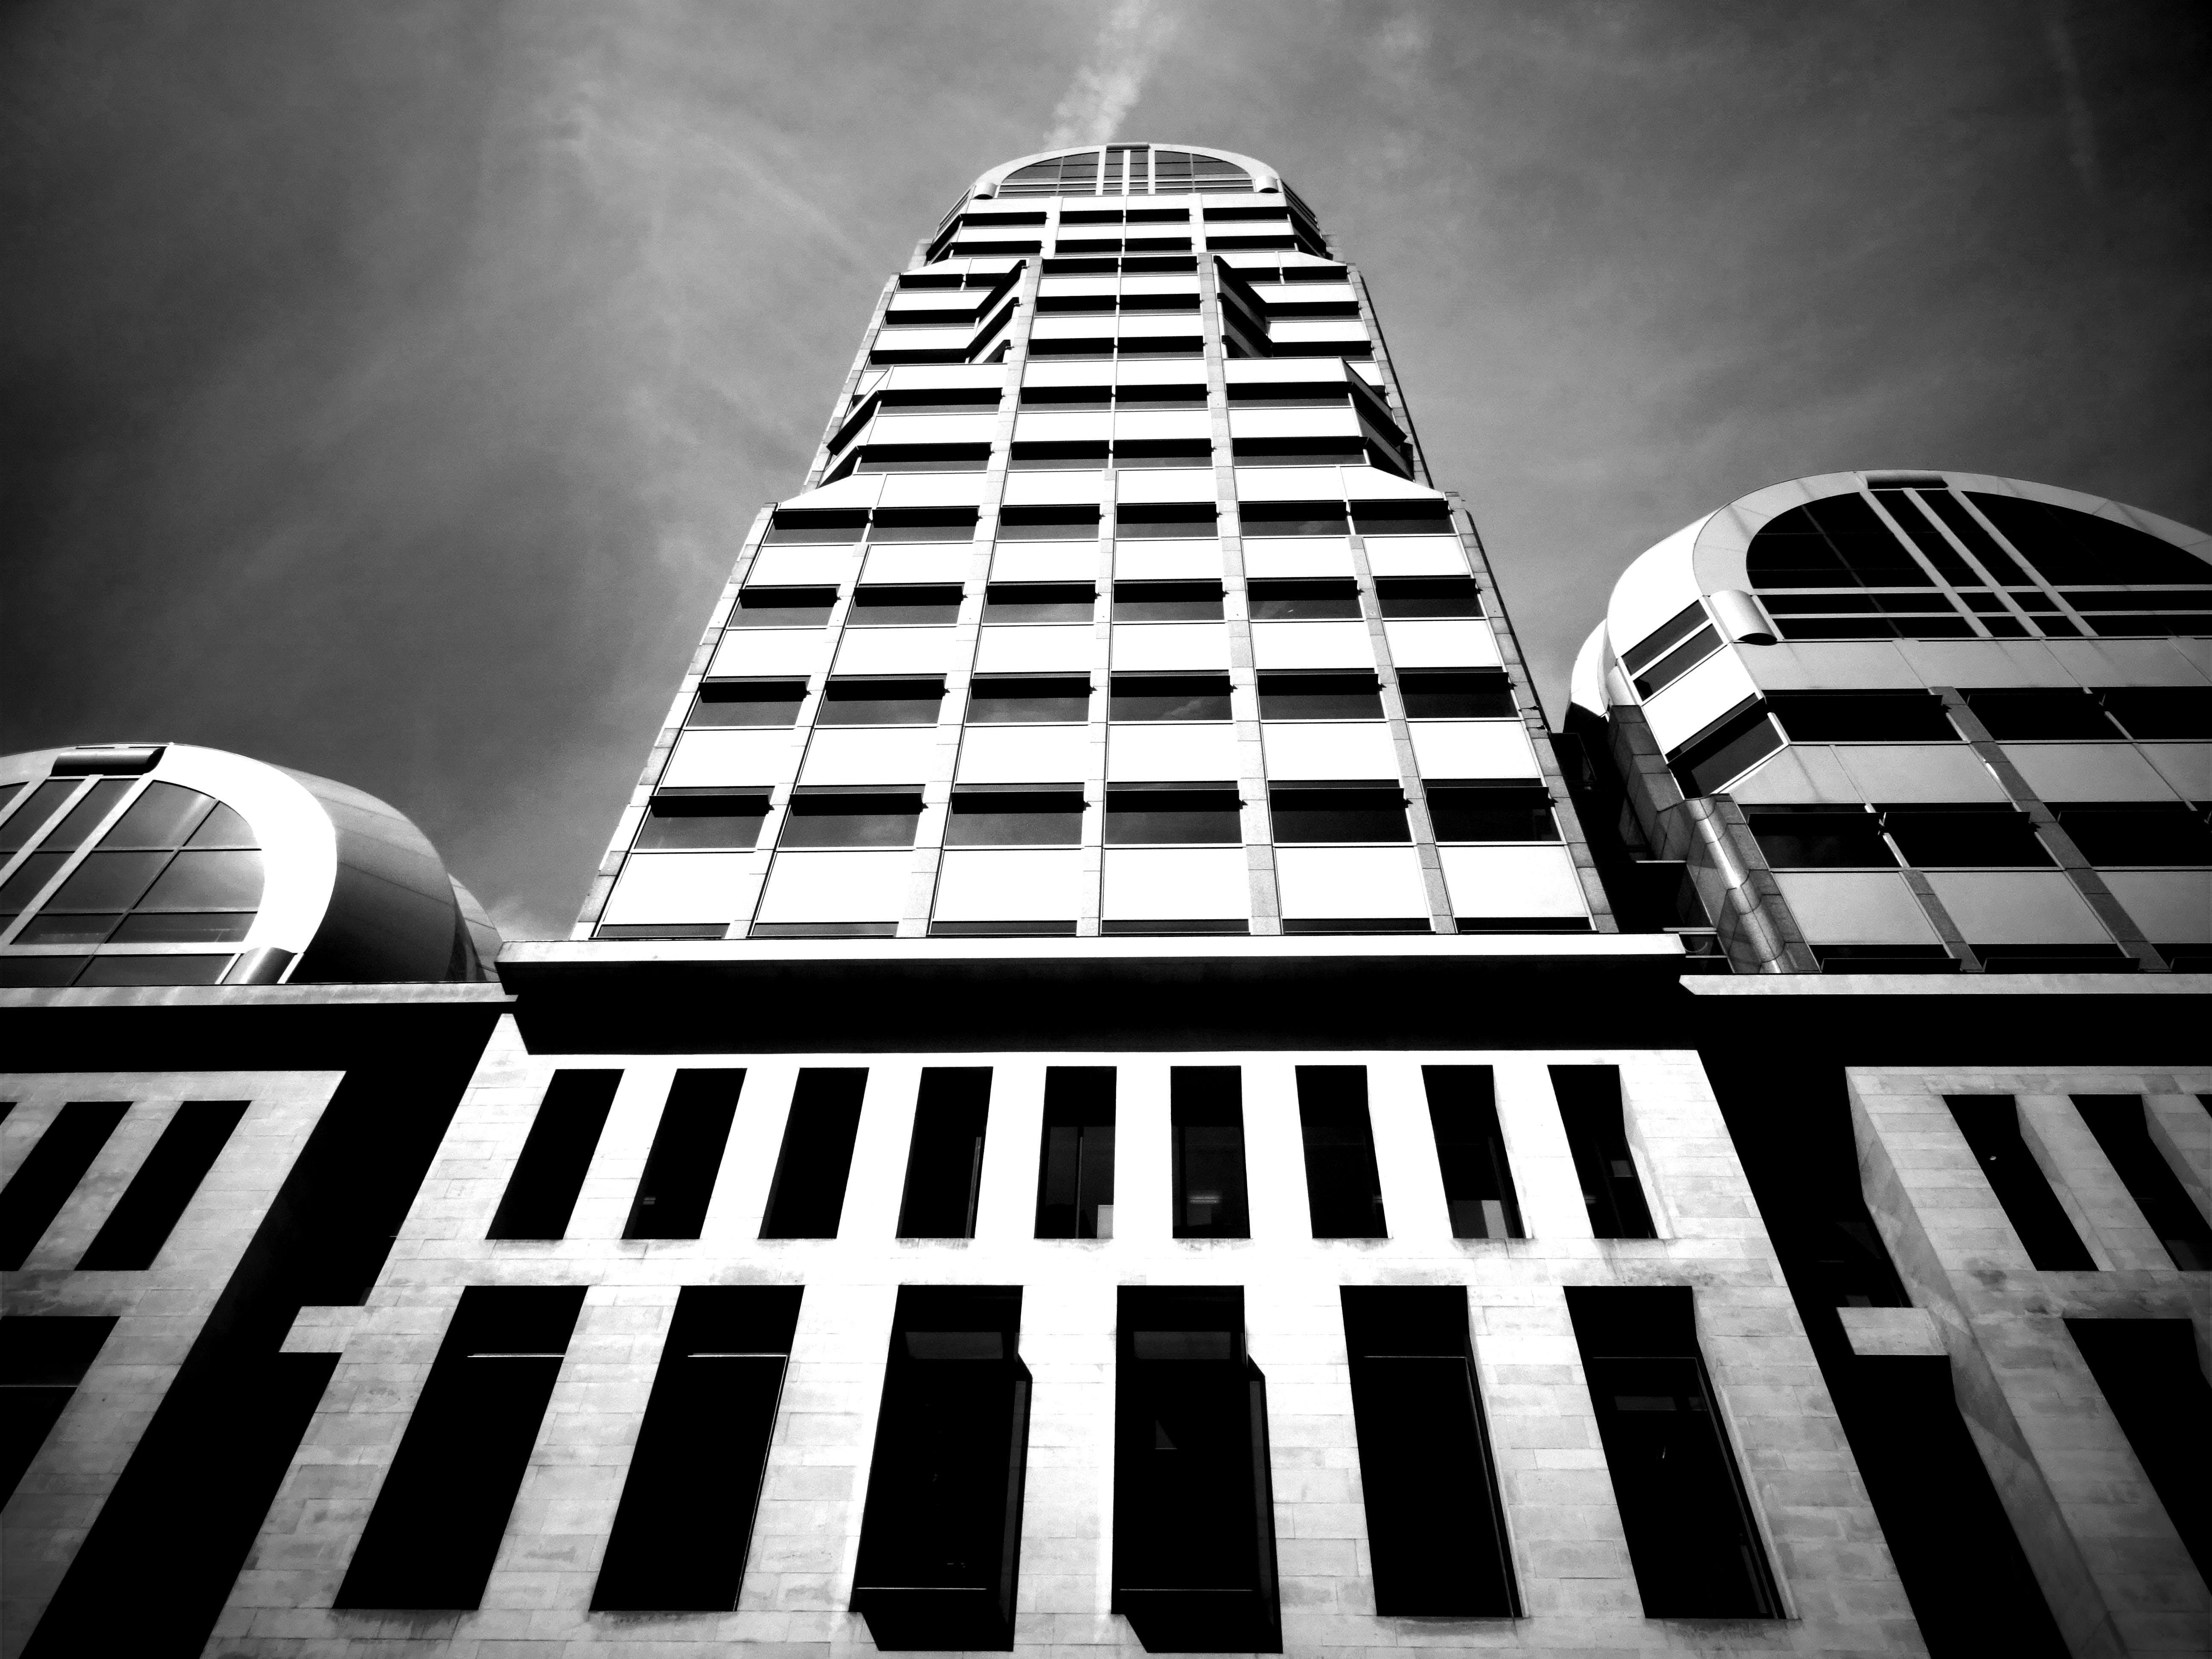 architectural design, architecture, black-and-white